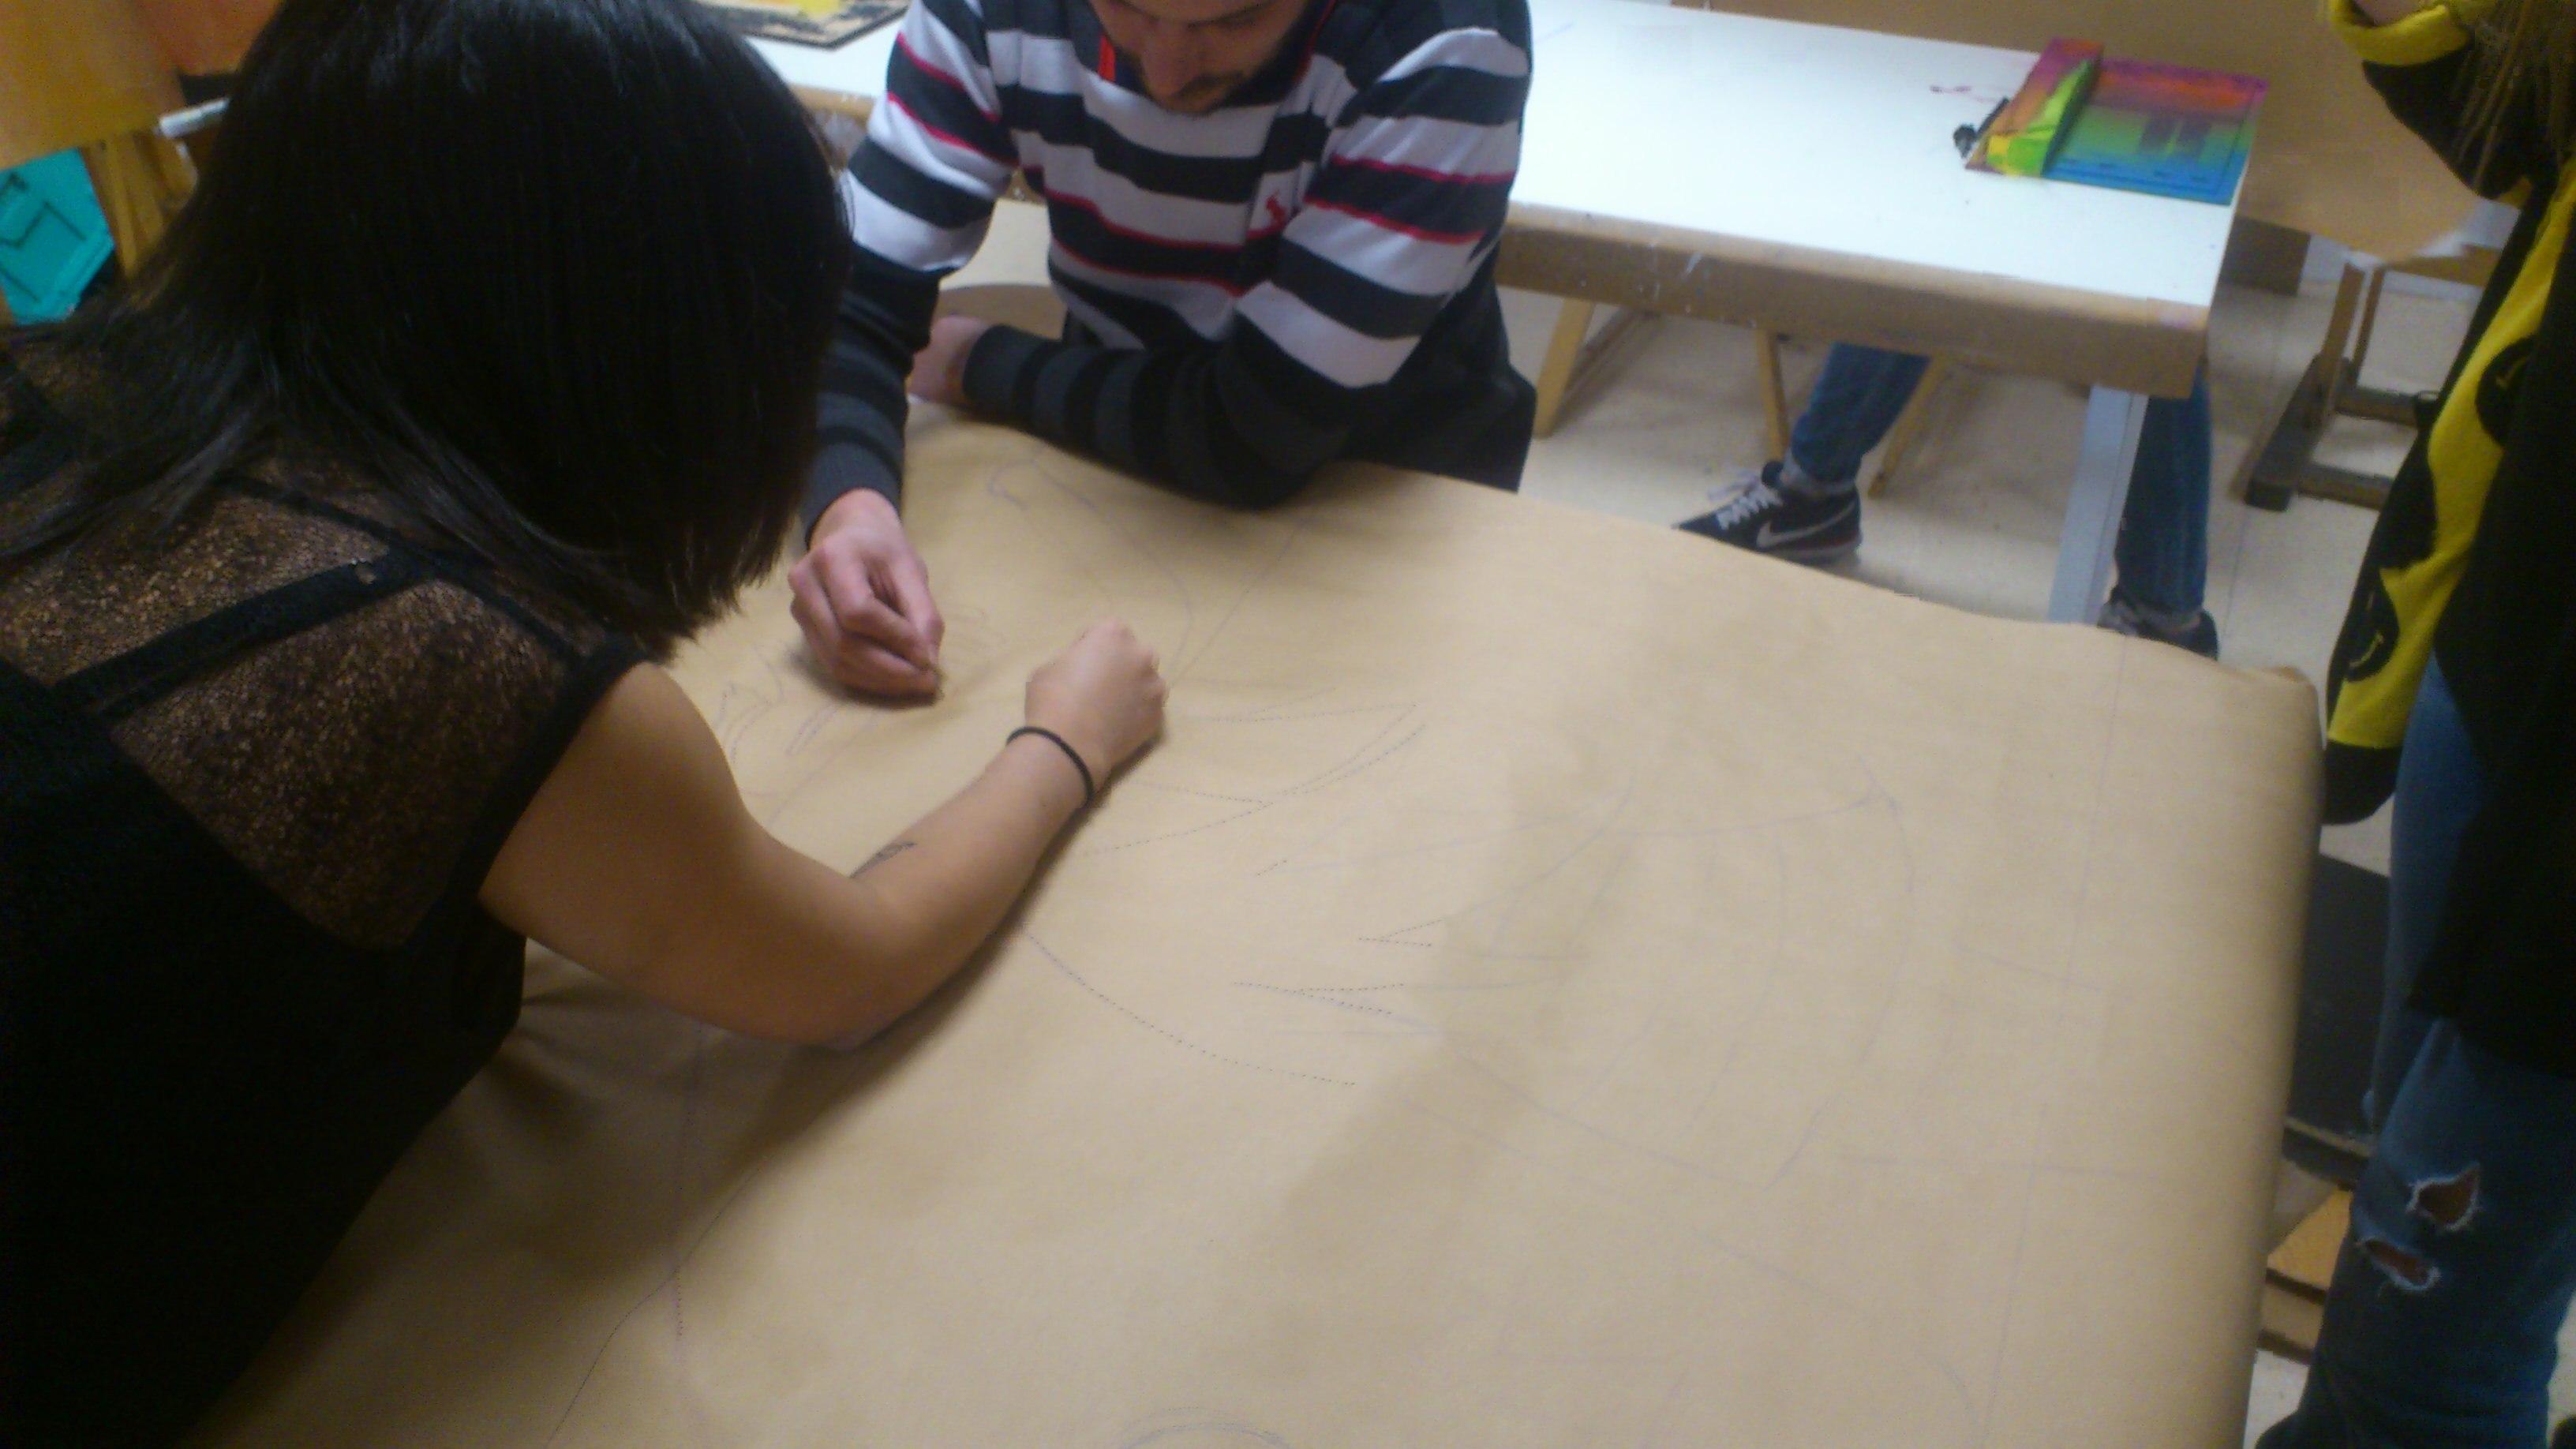 rpidamente nos pusimos manos a la obra tras hacer el dibujo en un papel grande lo perforamos con un clavo aqu fichamos a alexia de de bbaa esto ya